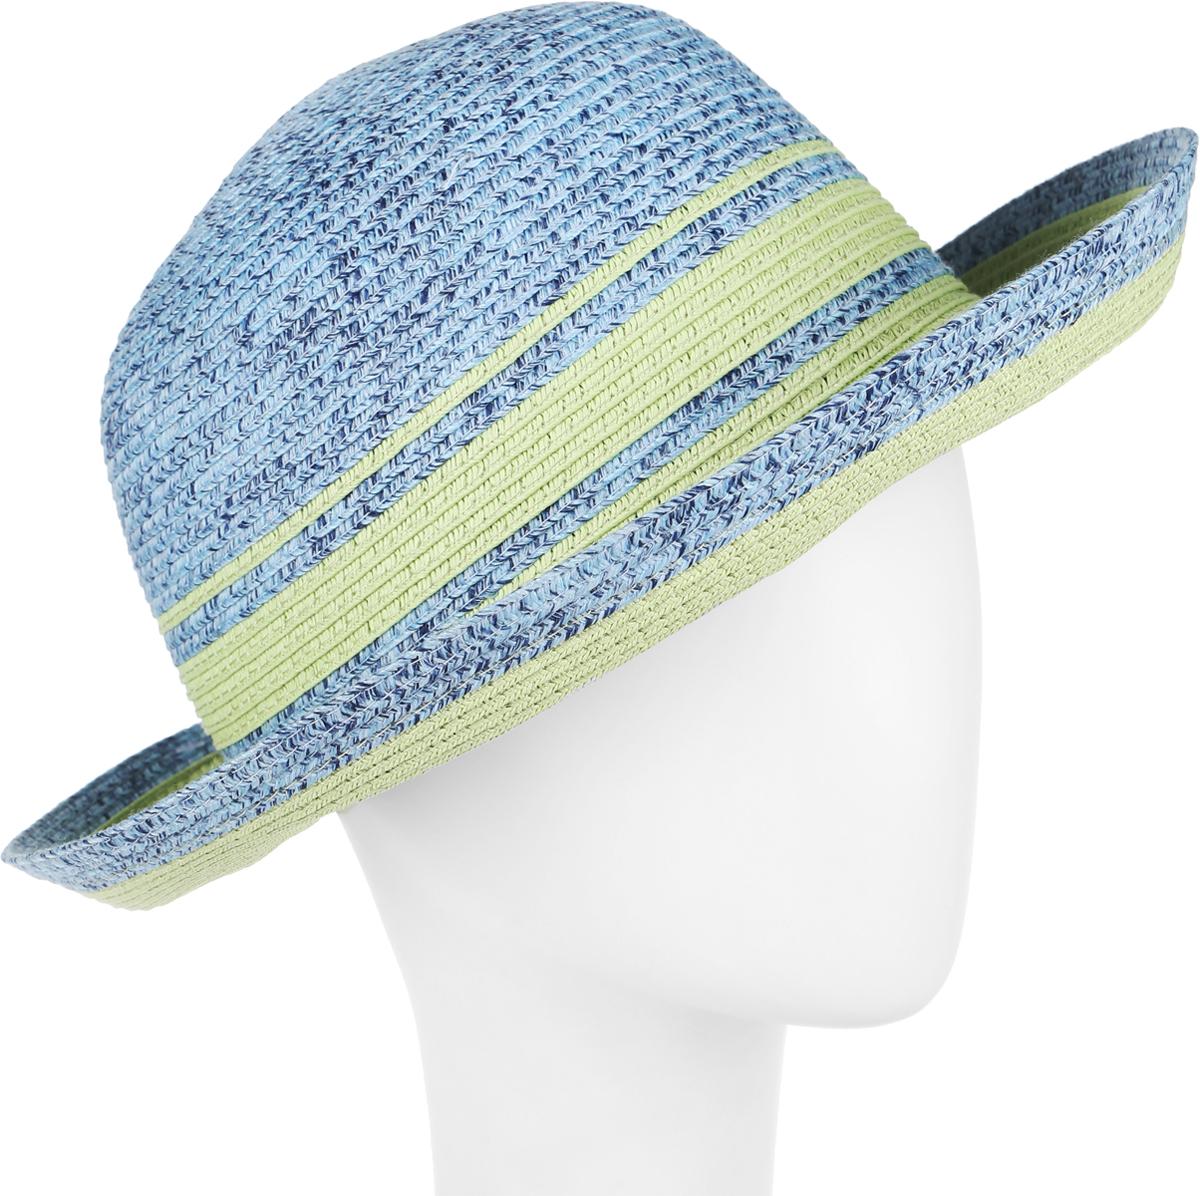 Шляпа женская Avanta, цвет: светло-зеленый, голубой. 992122. Размер 55/56992122Элегантная женская шляпа Avanta выполнена из полиэстера с добавлением бумаги. Модель с невысокой тульей и загнутыми вниз полями. Шляпа на тулье сбоку, дополнена металлической пластиной с кристаллами и логотипом бренда.